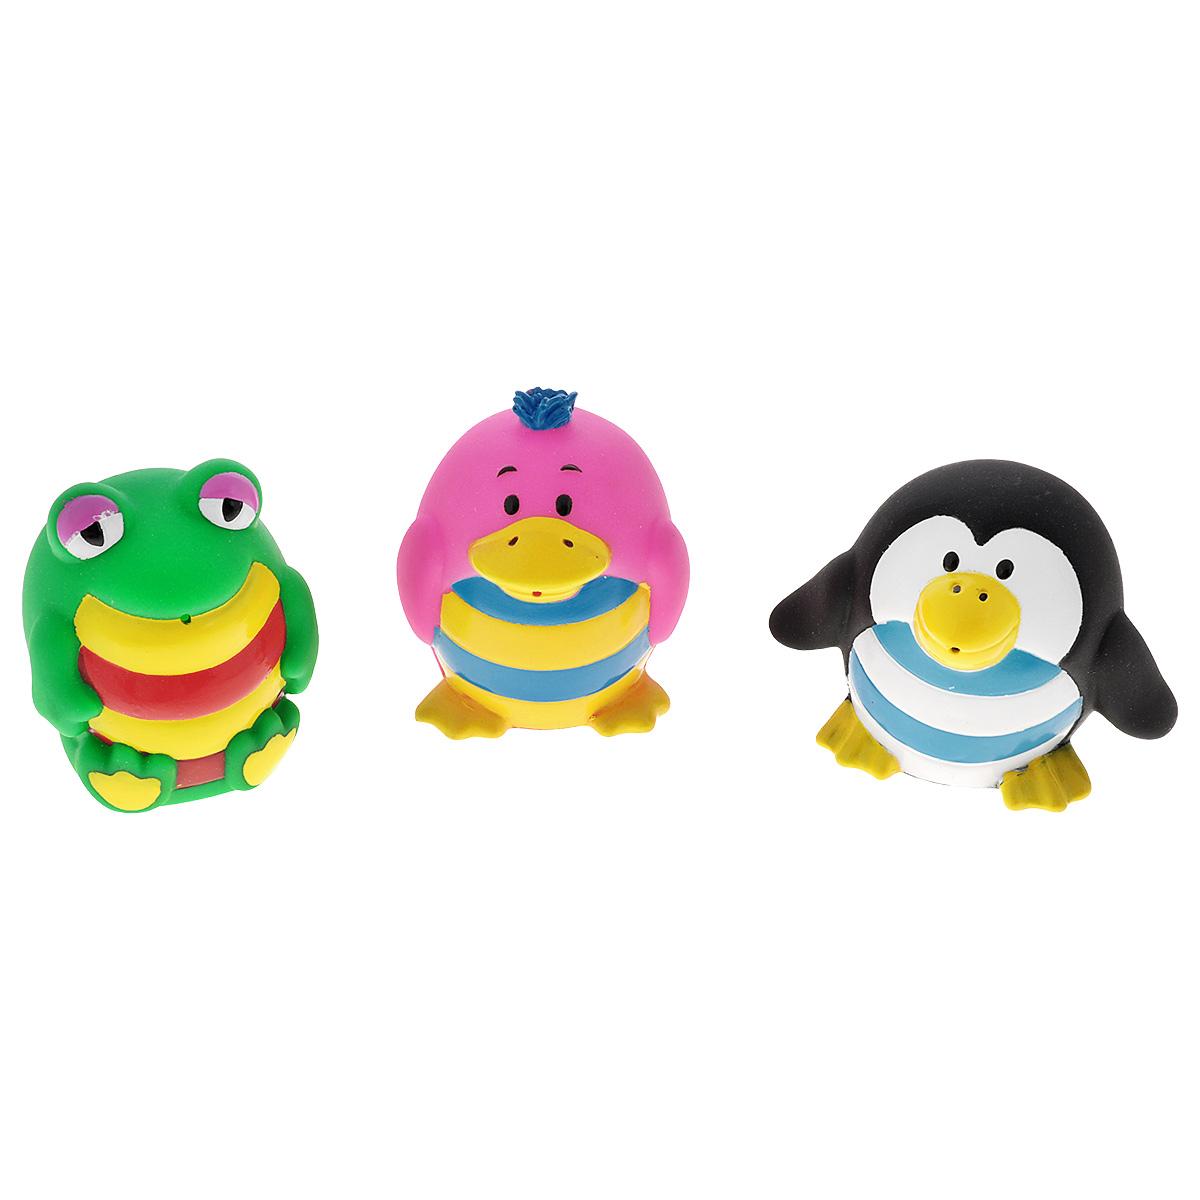 Игровой набор для ванны Mioshi Малыши-кругляши, 3 штMAU0304-010С набором для ванны Mioshi Малыши-кругляши принимать водные процедуры станет ещё веселее и приятнее. Набор включает в себя три разные игрушки: лягушонка, пингвинёнка и розового птенчика. Все составляющие набора приятны на ощупь, имеют удобную для захвата маленькими пальчиками эргономичную форму и быстро сохнут. Забавным дополнением также будет возможность игрушек брызгать водой при сжатии. Устраивайте водные сражения! Игрушки Mioshi Aqua помогают малышам быстрее приспосабливаться к водной среде, а процесс принятия водных процедур делают веселым и увлекательным.